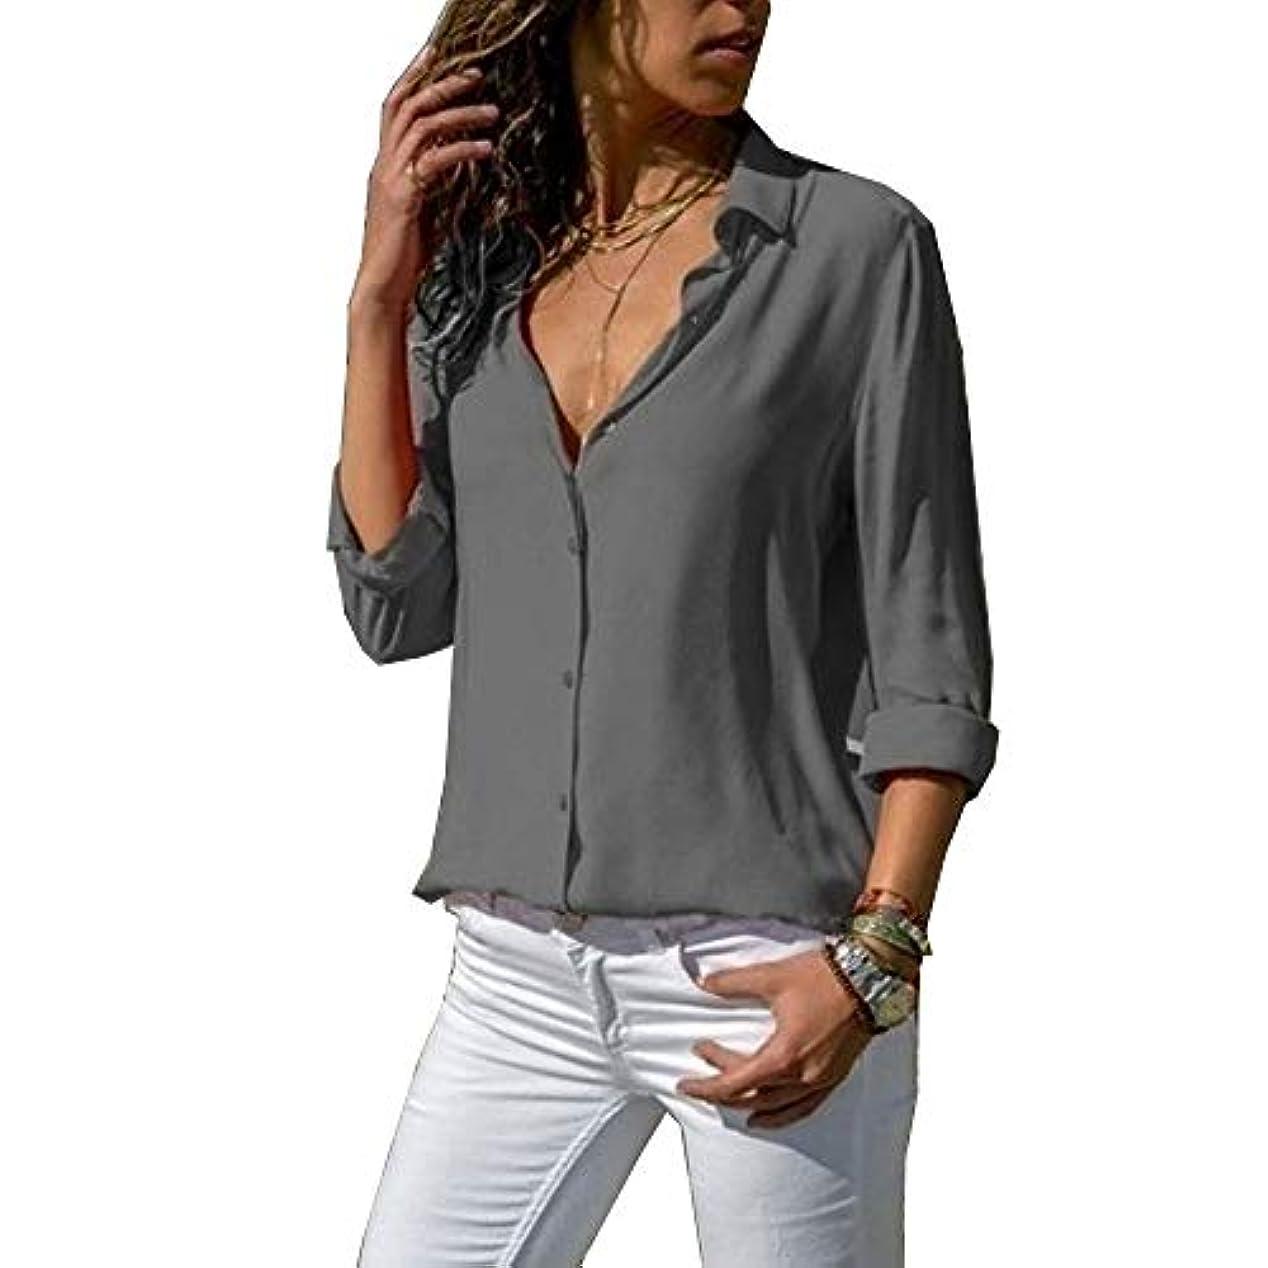 飽和する怒る山岳MIFAN ルーズシャツ、トップス&Tシャツ、プラスサイズ、トップス&ブラウス、シフォンブラウス、女性トップス、シフォンシャツ